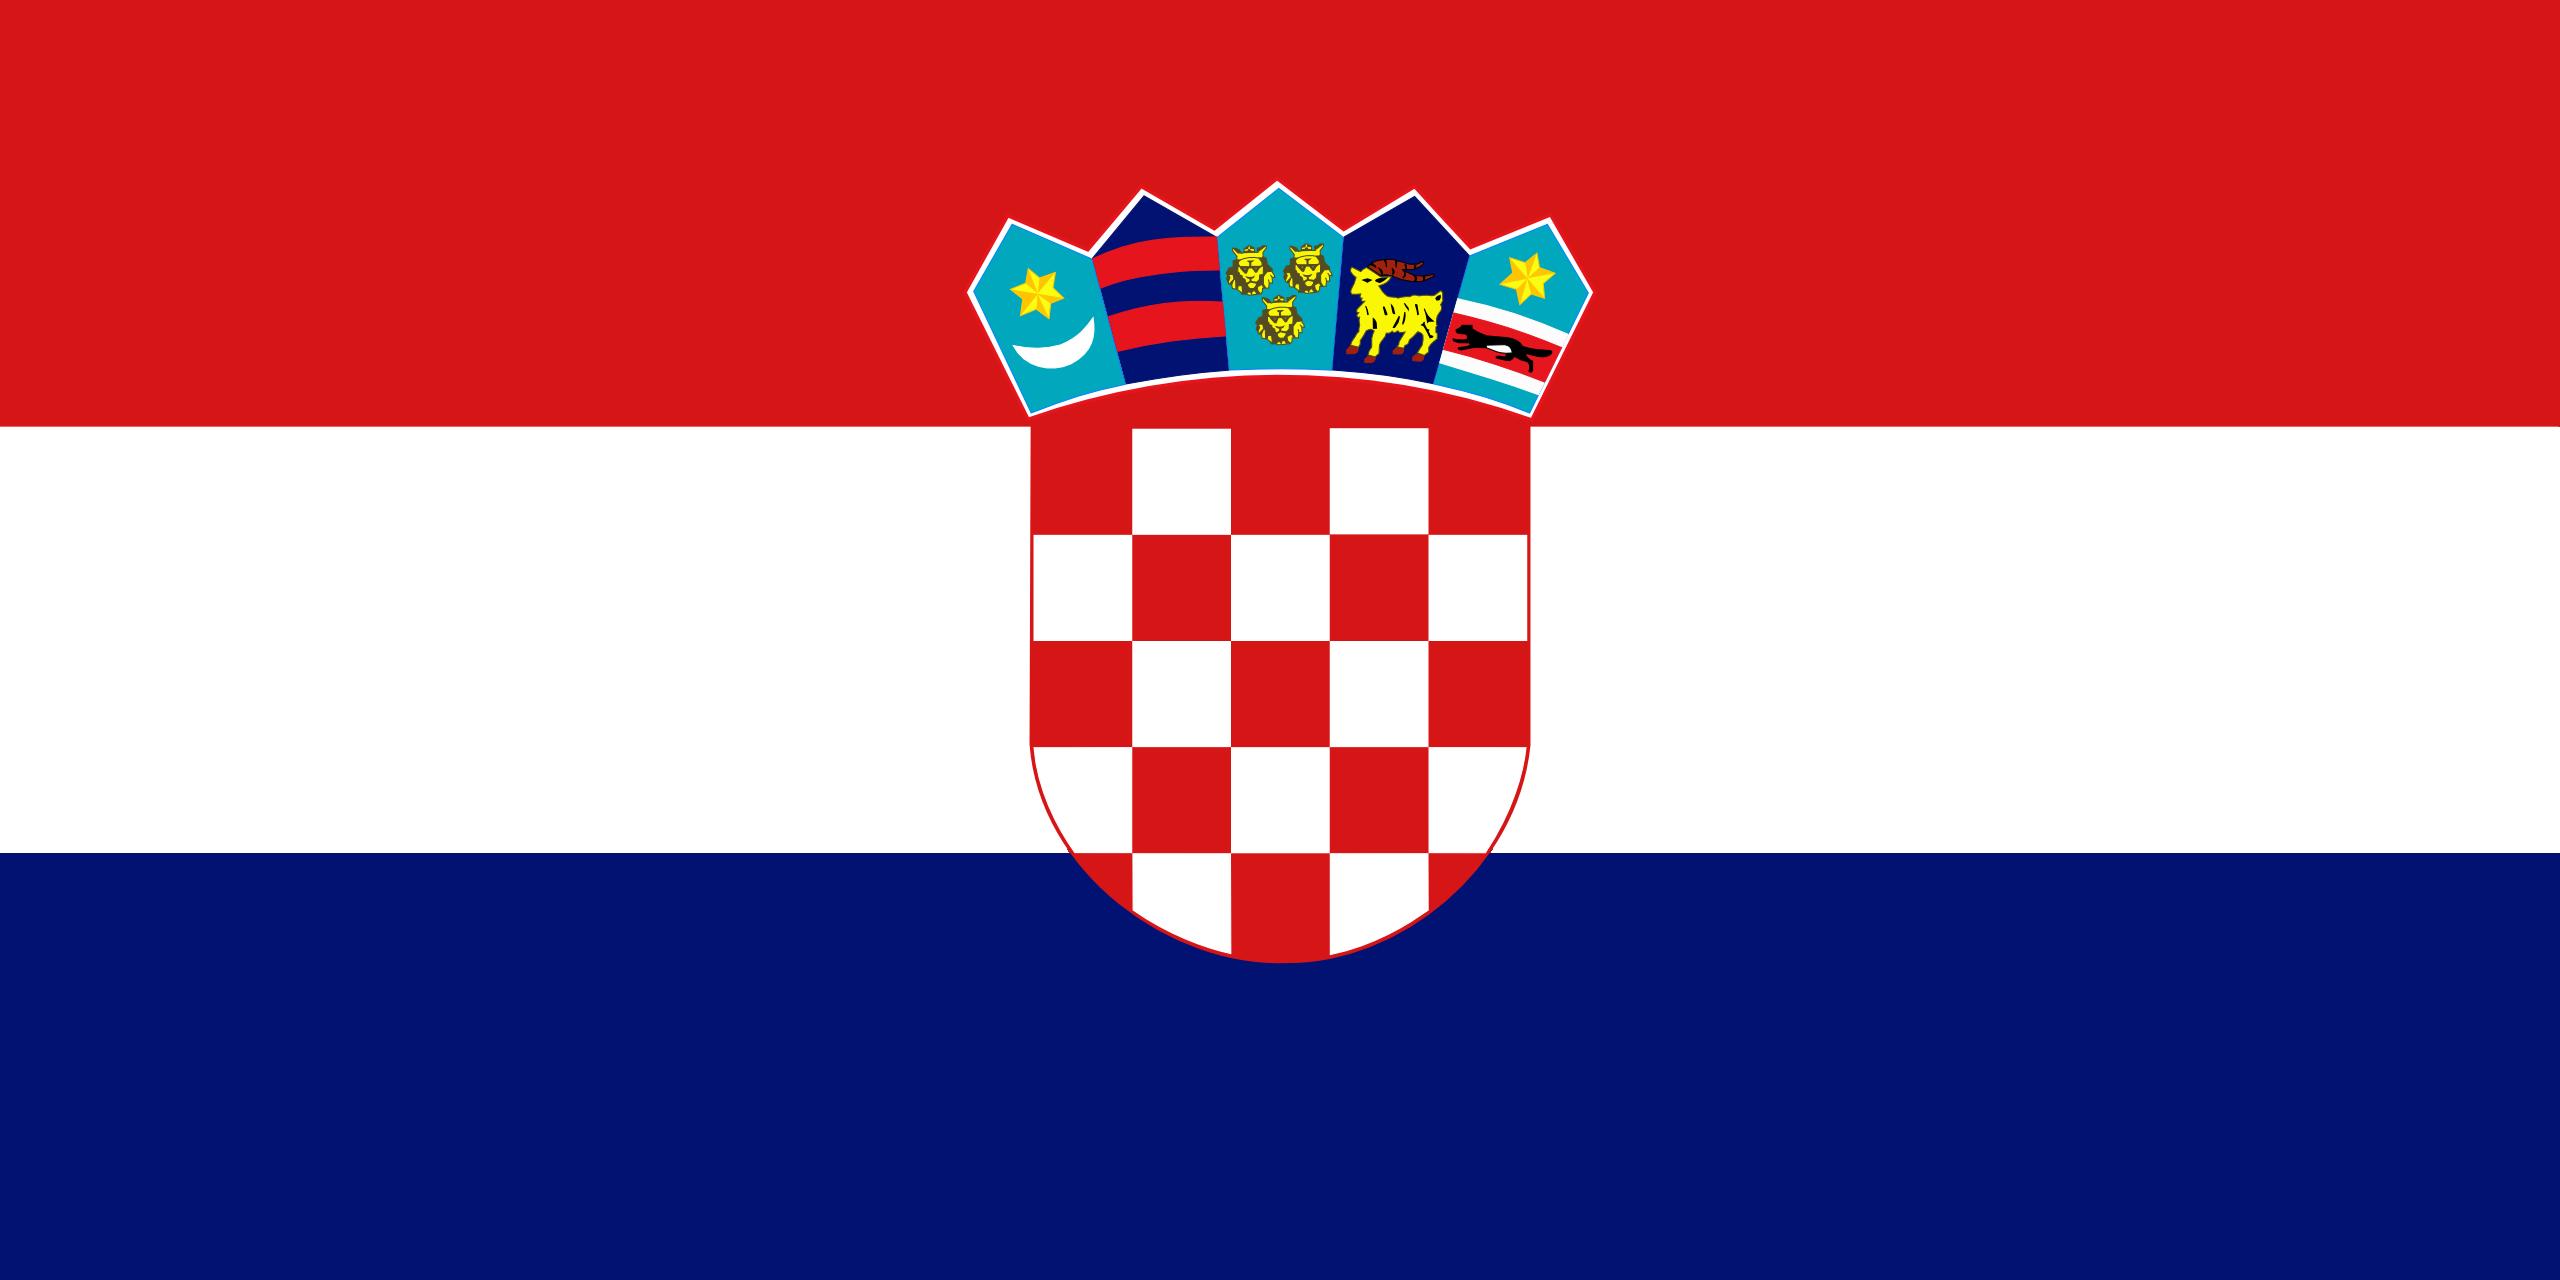 croacia, Land, Emblem, Logo, Symbol - Wallpaper HD - Prof.-falken.com